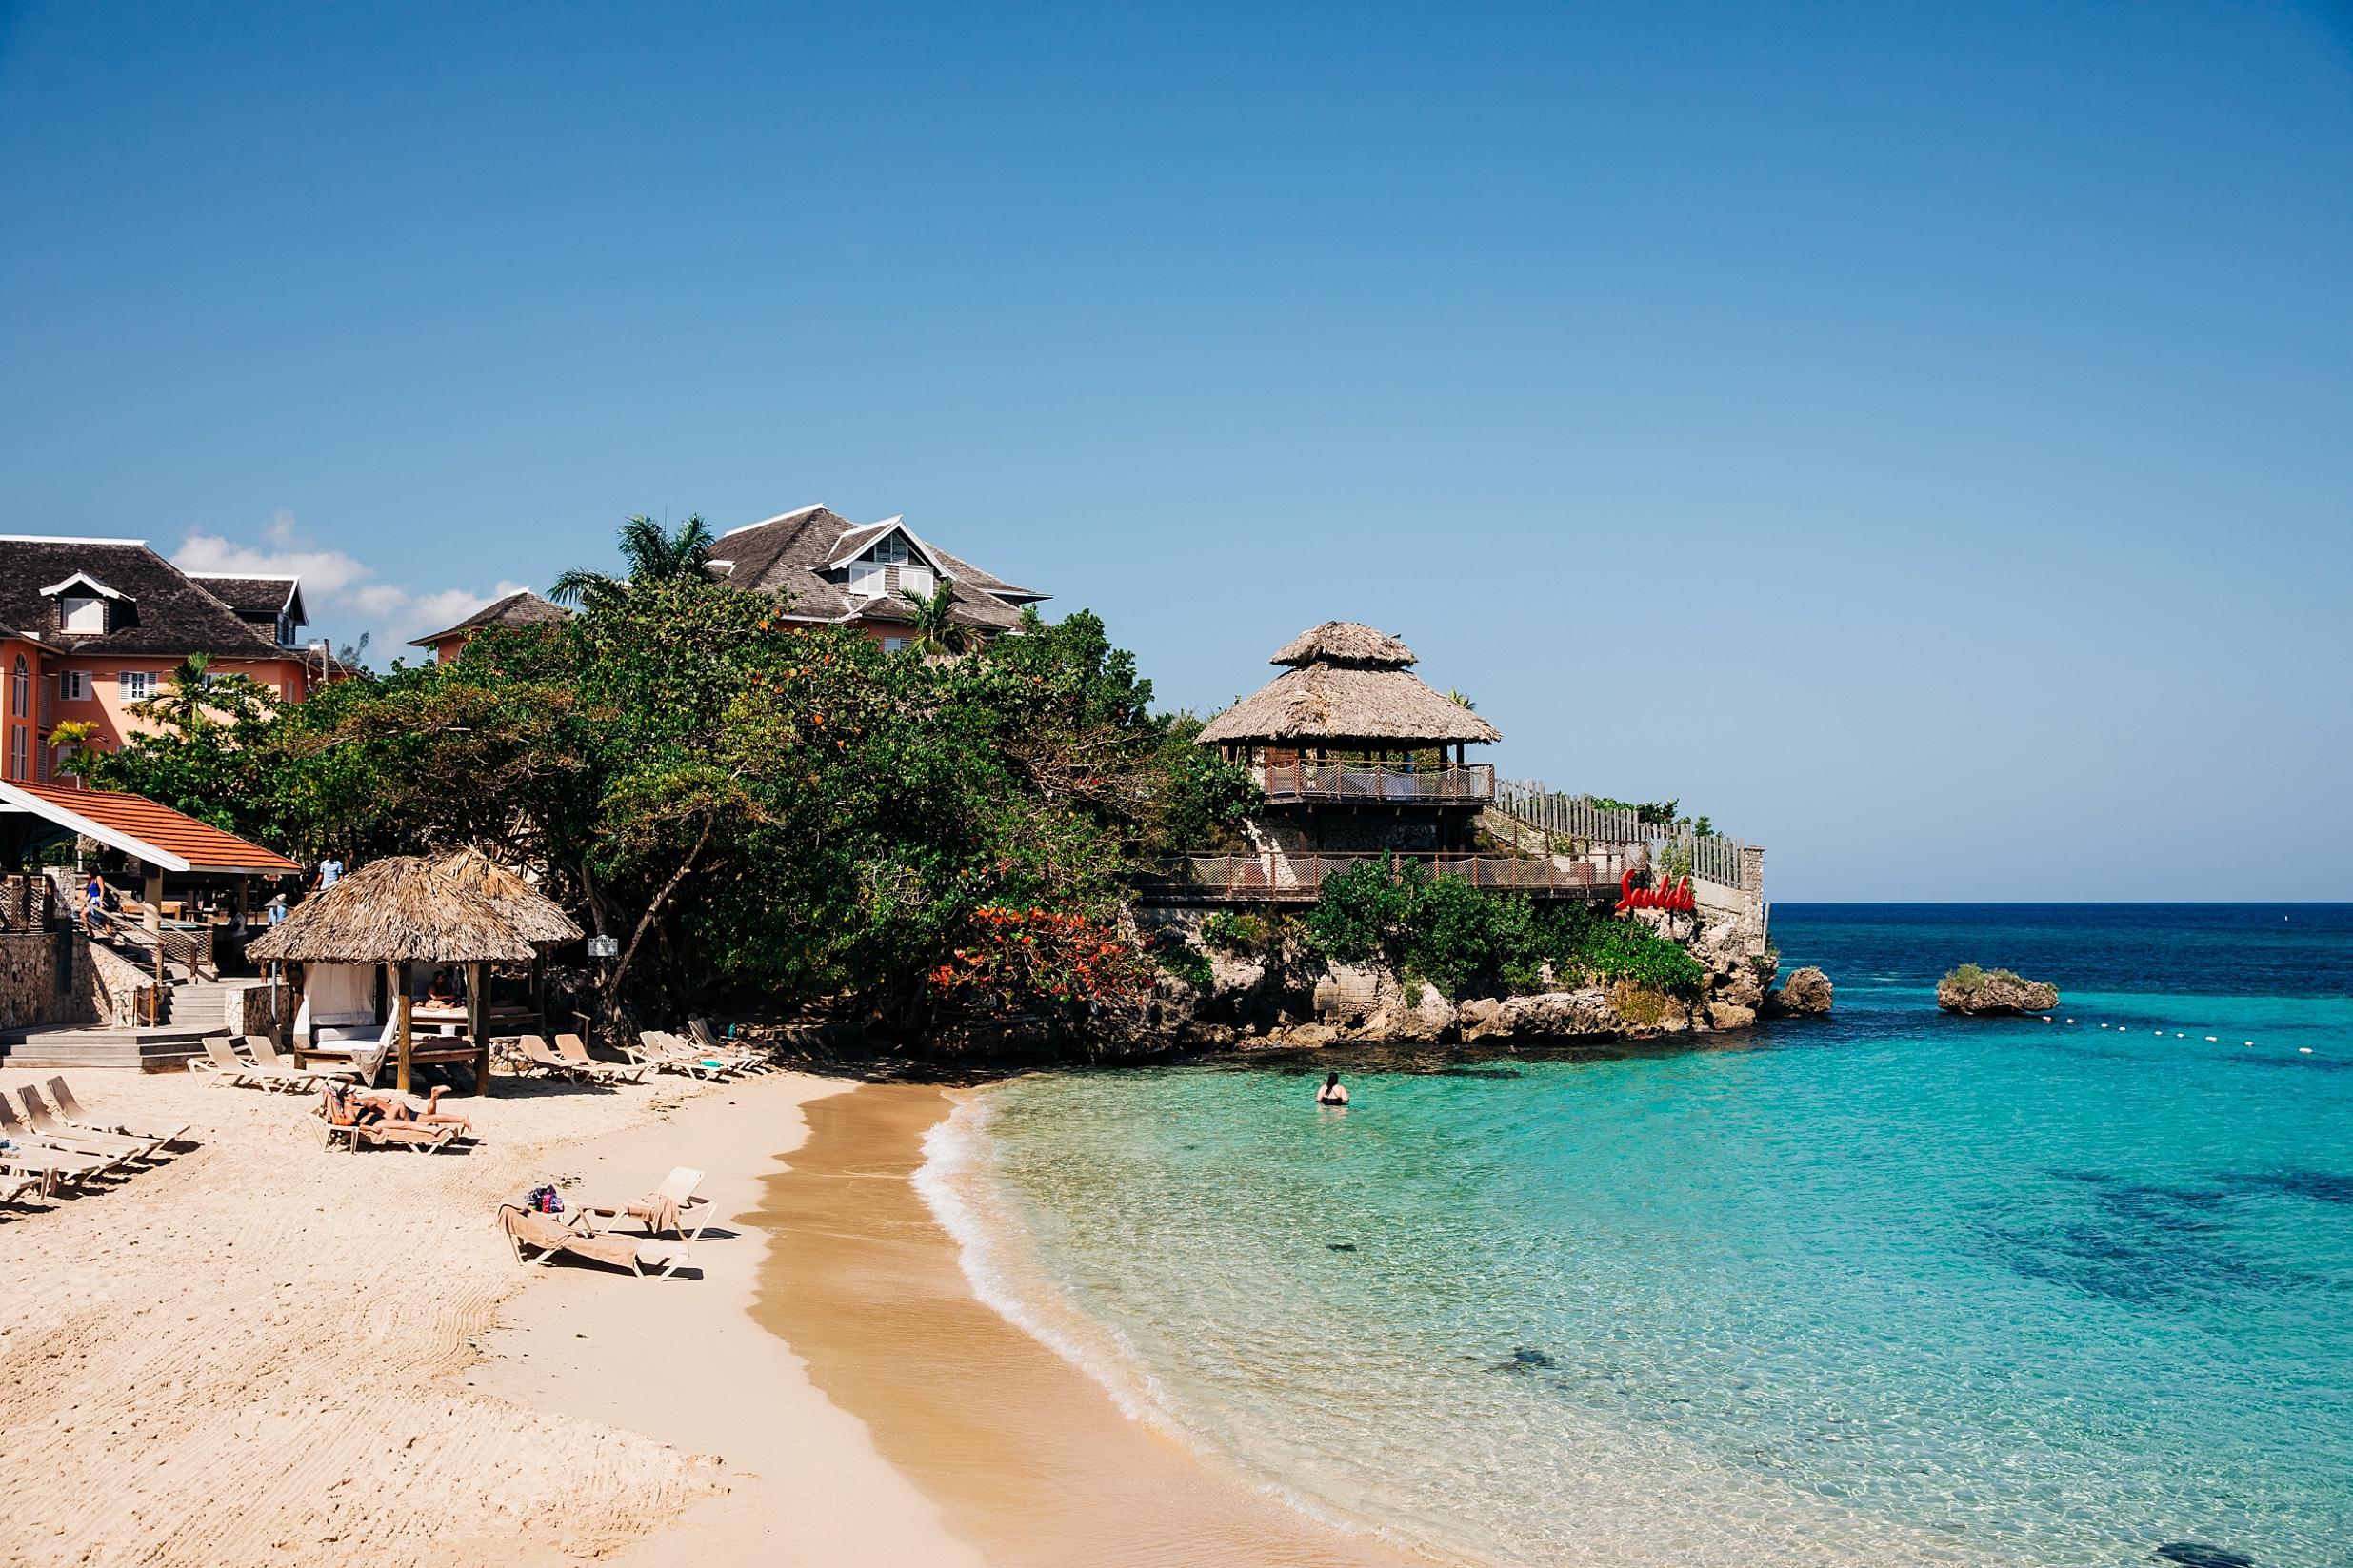 jamaican-wedding-sandals-wedding-destination-beach-intimate_0002.jpg